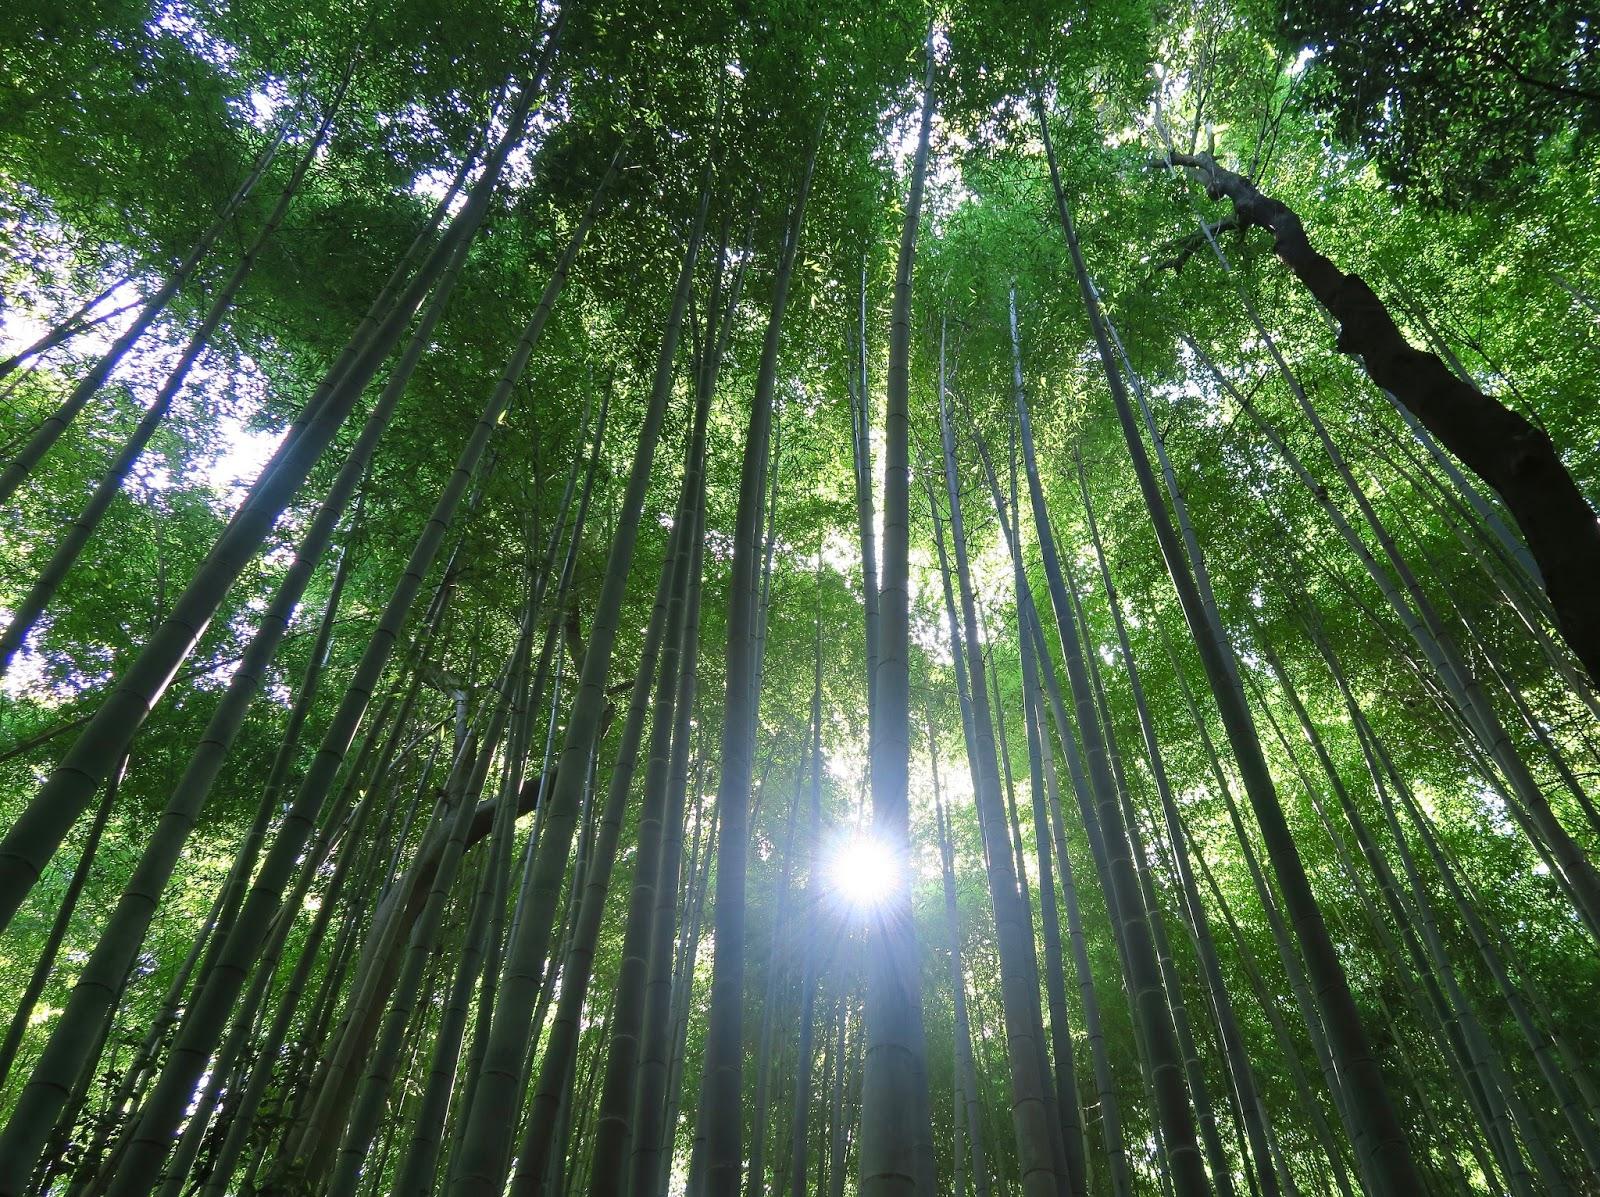 Arashiyama-bamboo-grove-forest-Kyoto-Japan